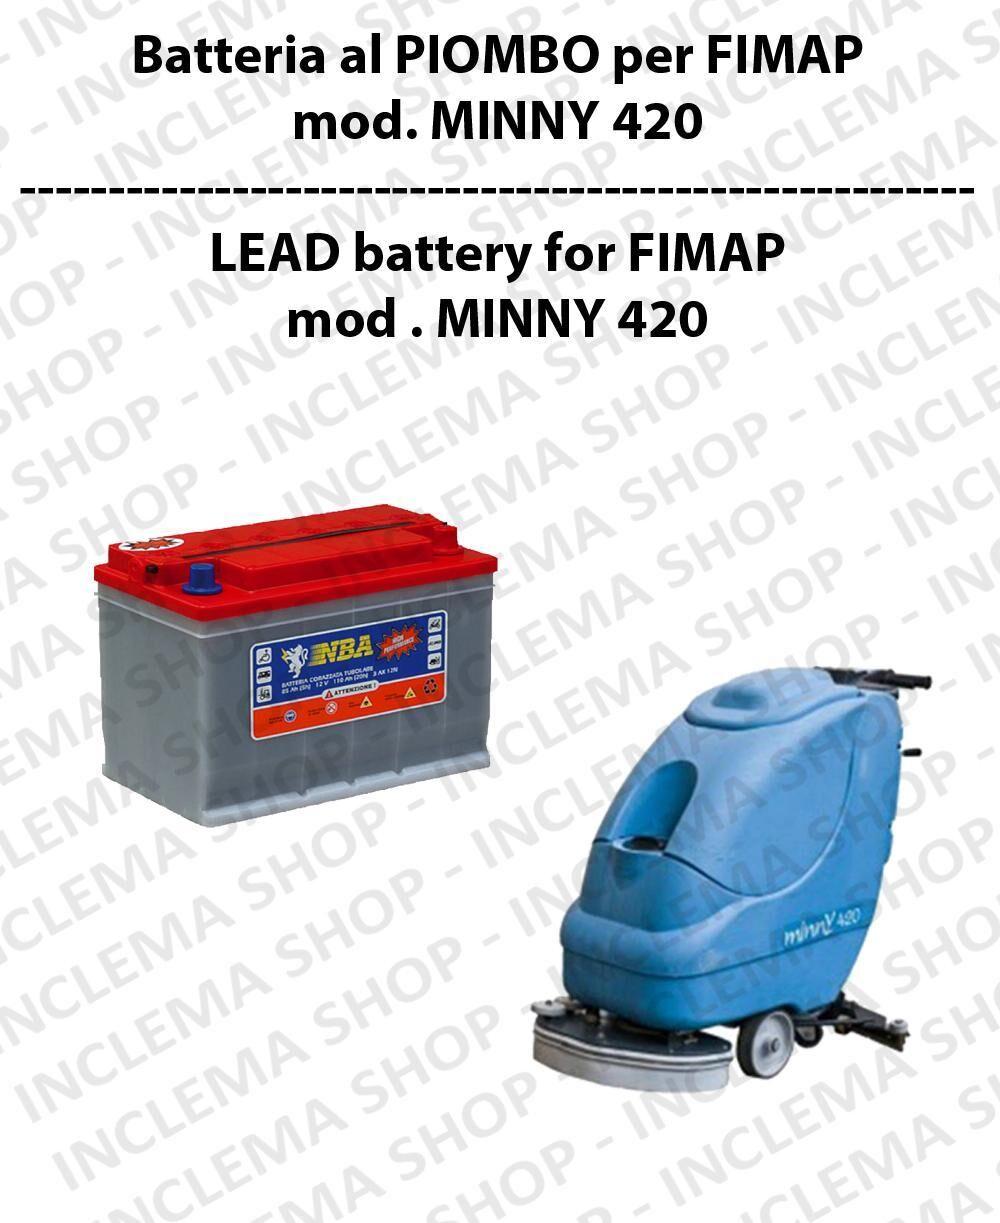 Fimap Batteria al PIOMBO per lavapavimenti modello MINNY 420